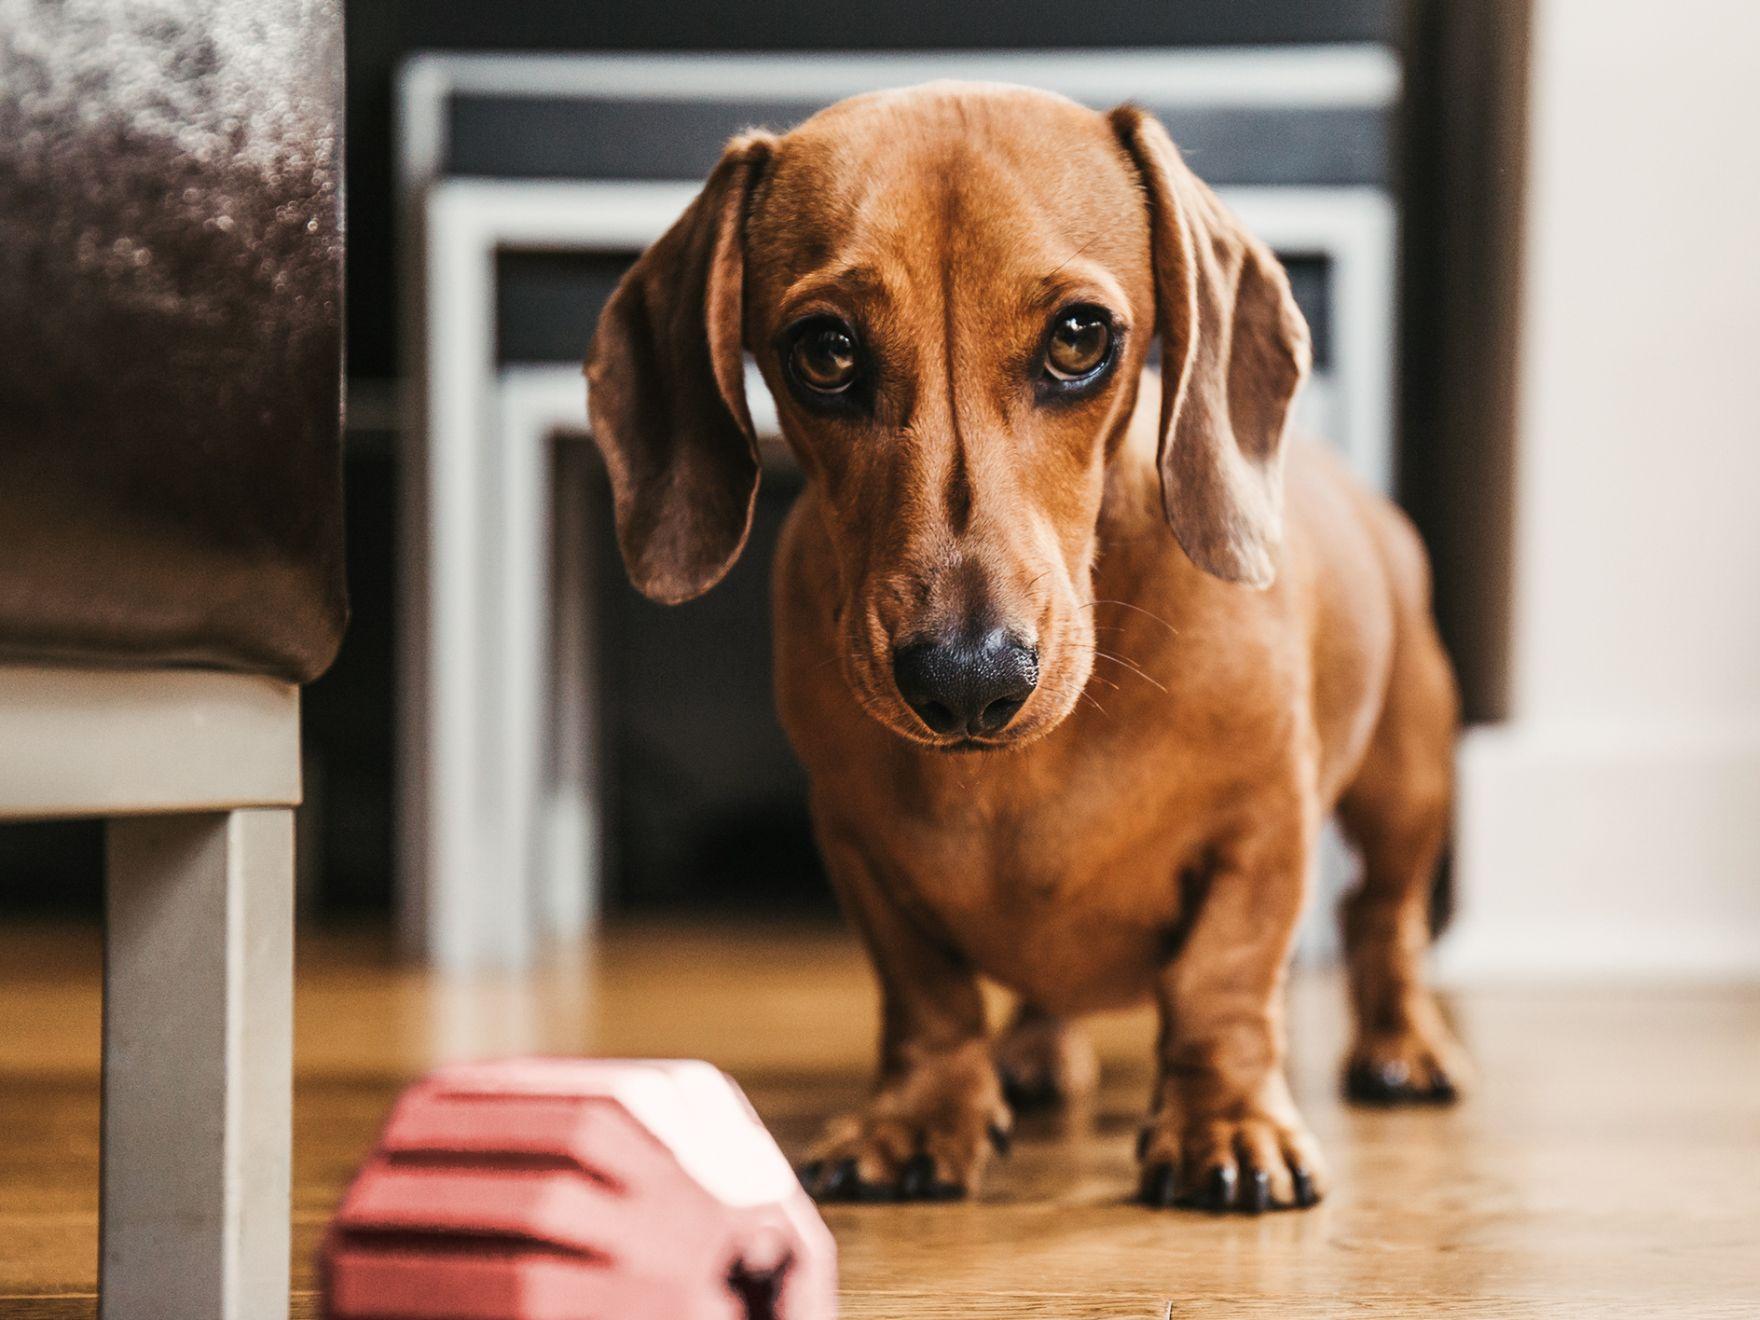 Ajută la puggle să piardă în greutate, PURINA VD Dog OM Obesity Management 12kg